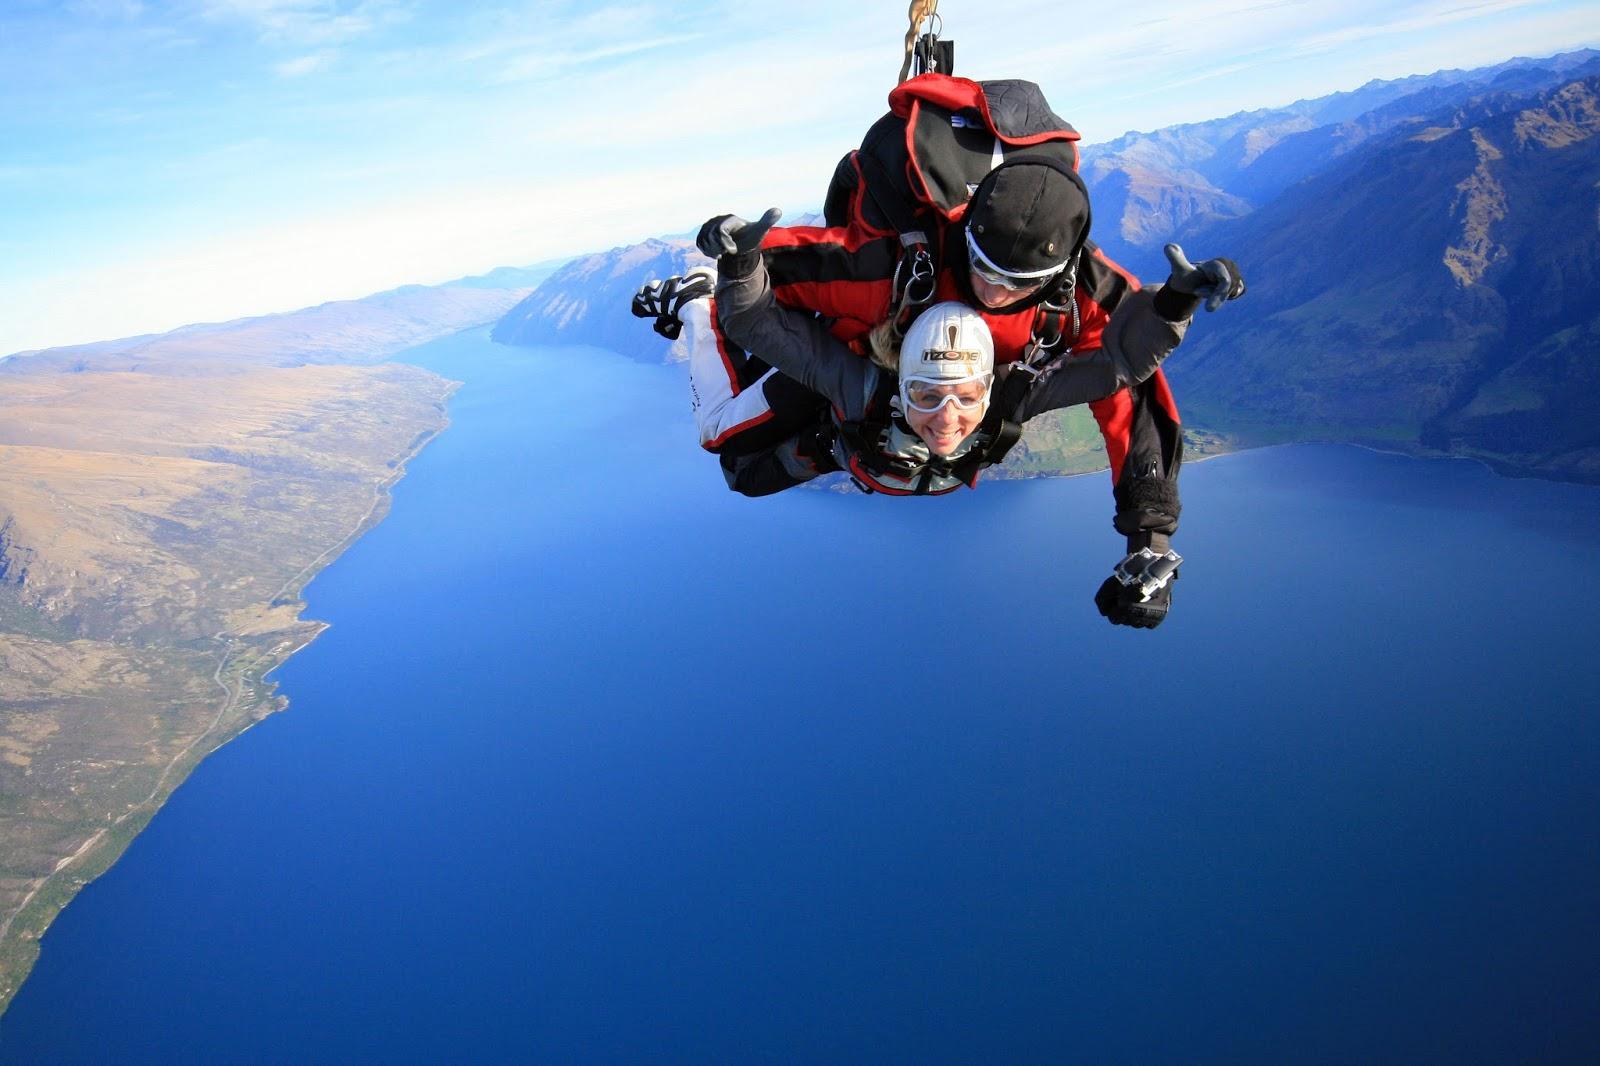 saut en parachute nouvelle zelande